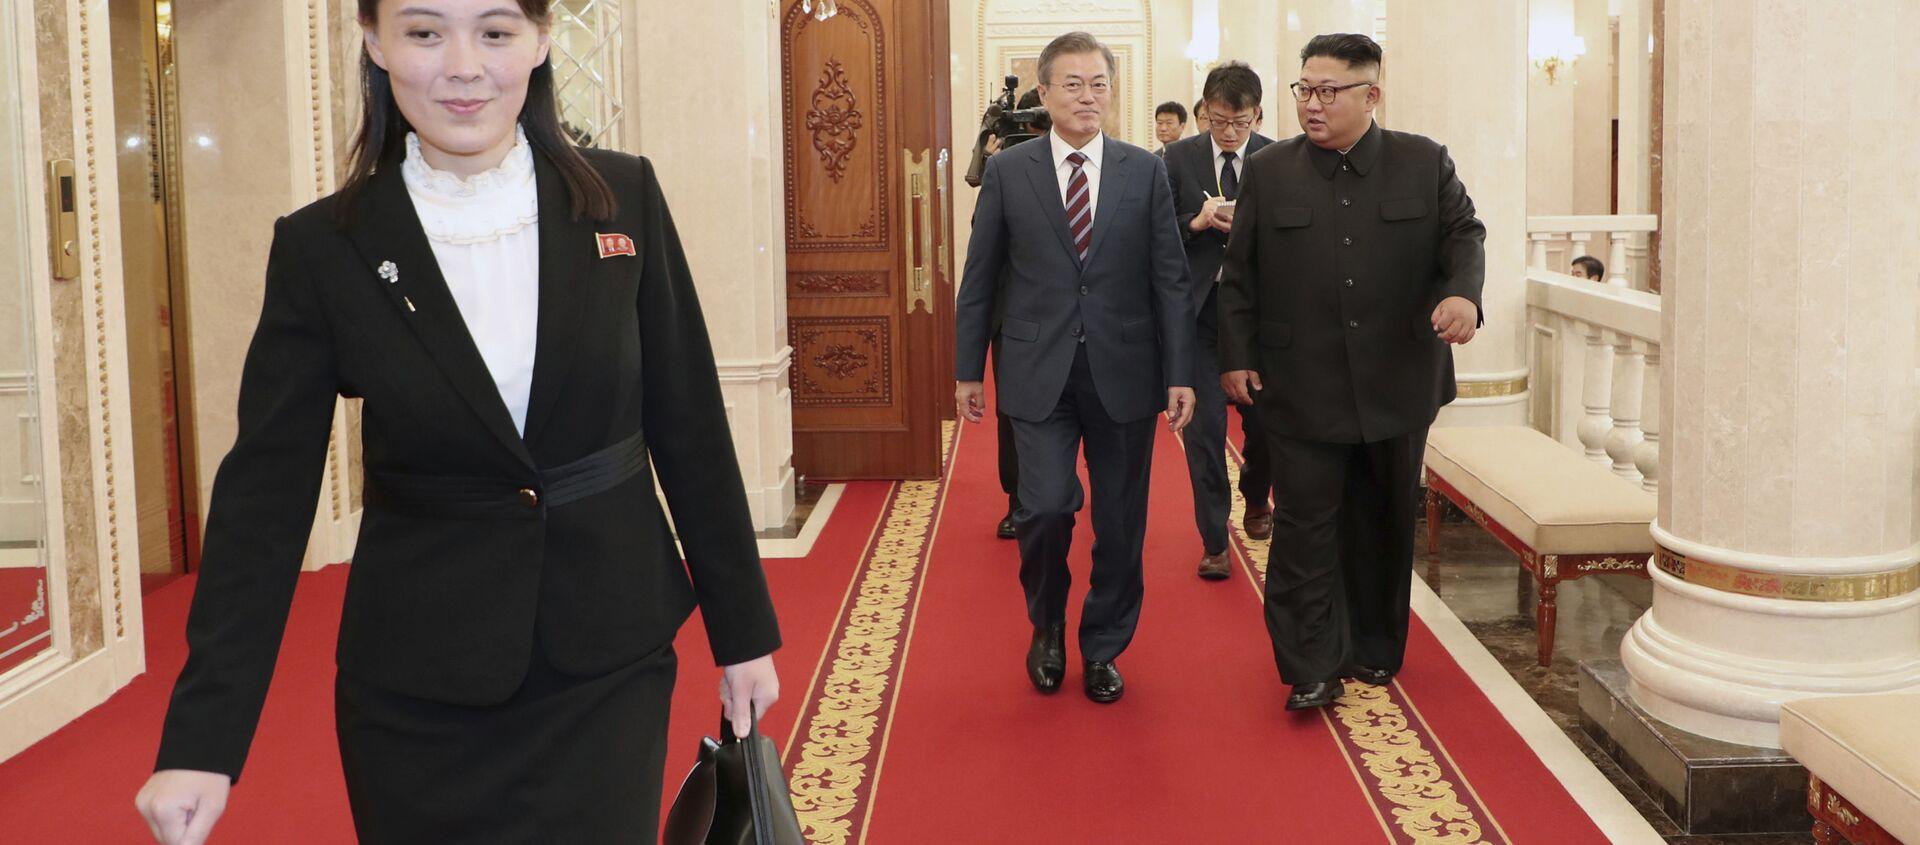 北朝鮮の金与正氏、韓国大統領に反発 ミサイル発射めぐり - Sputnik 日本, 1920, 30.03.2021